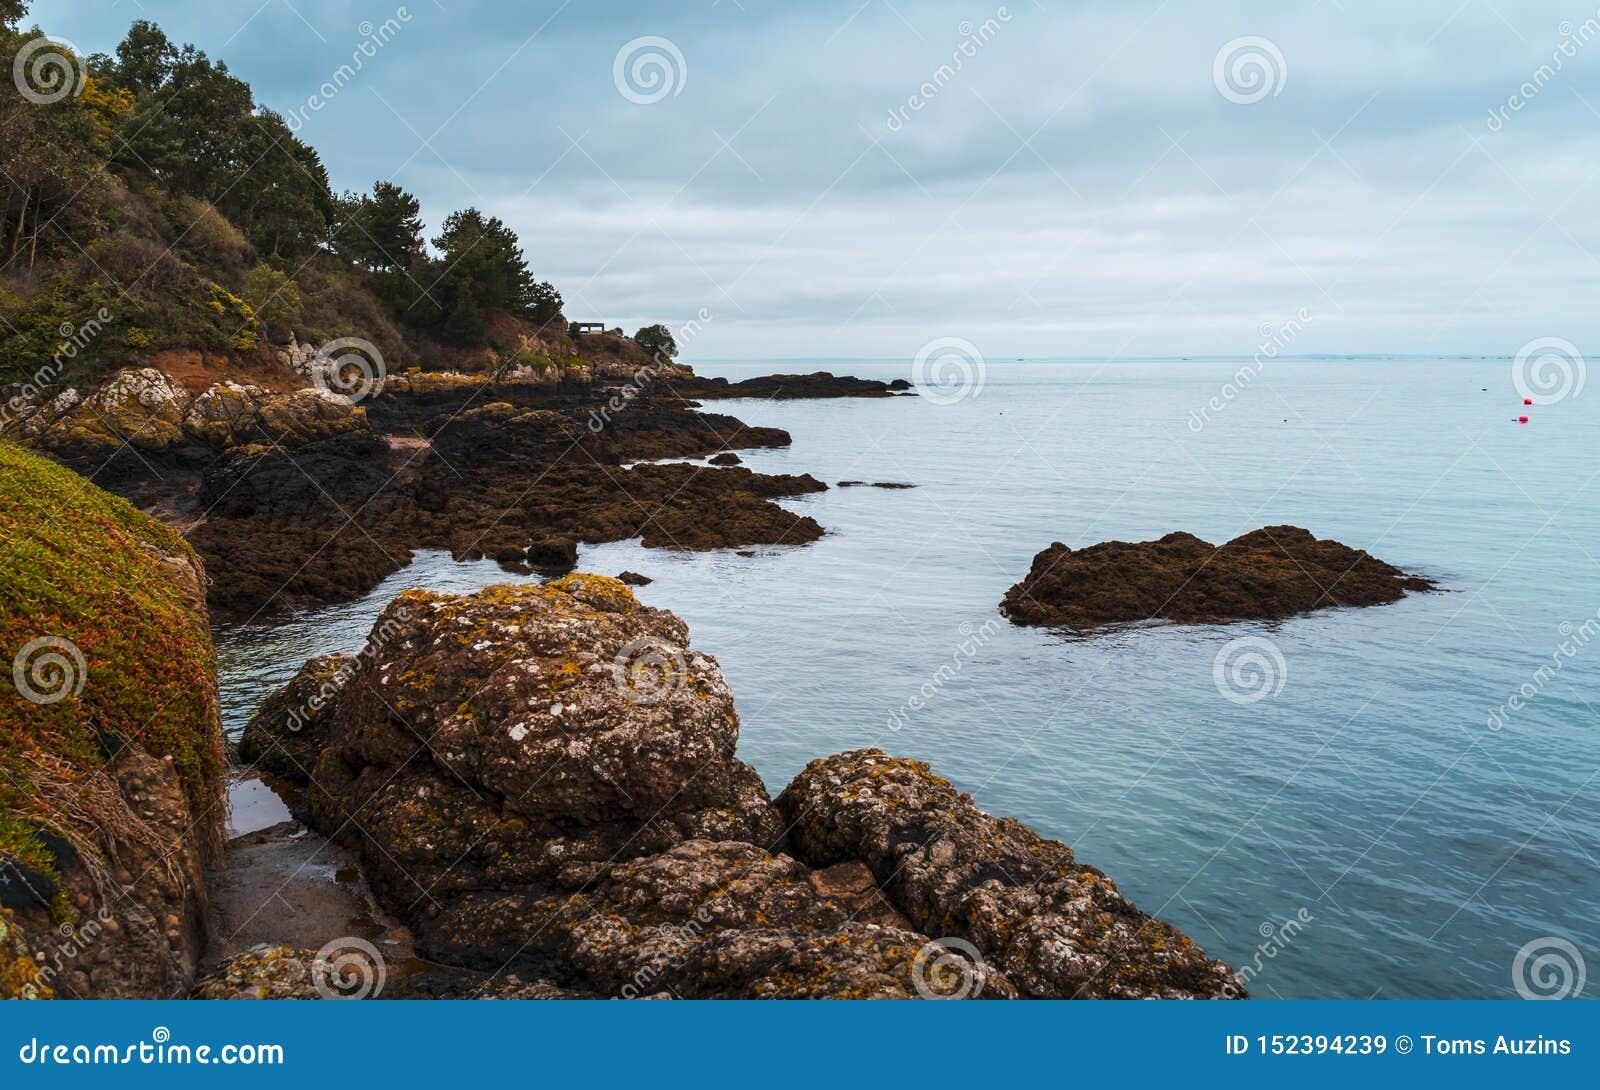 Rozel, bydło, channel islands